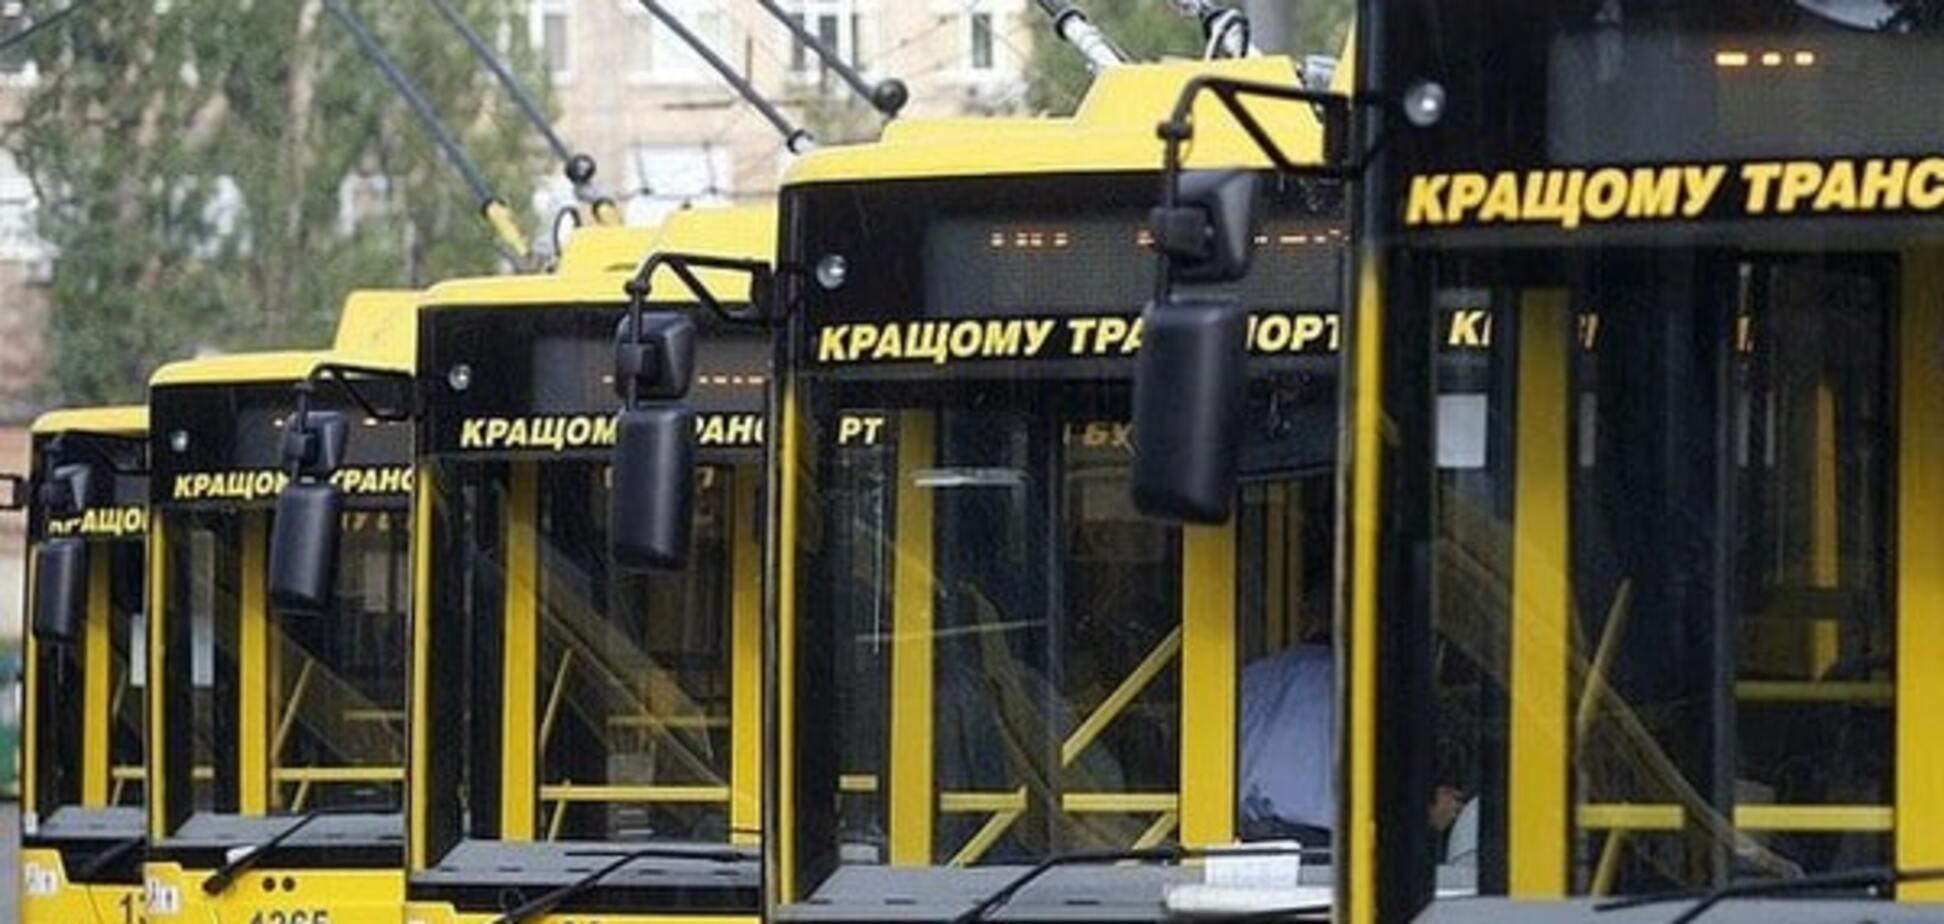 Київський транспорт на Великдень працюватиме довше